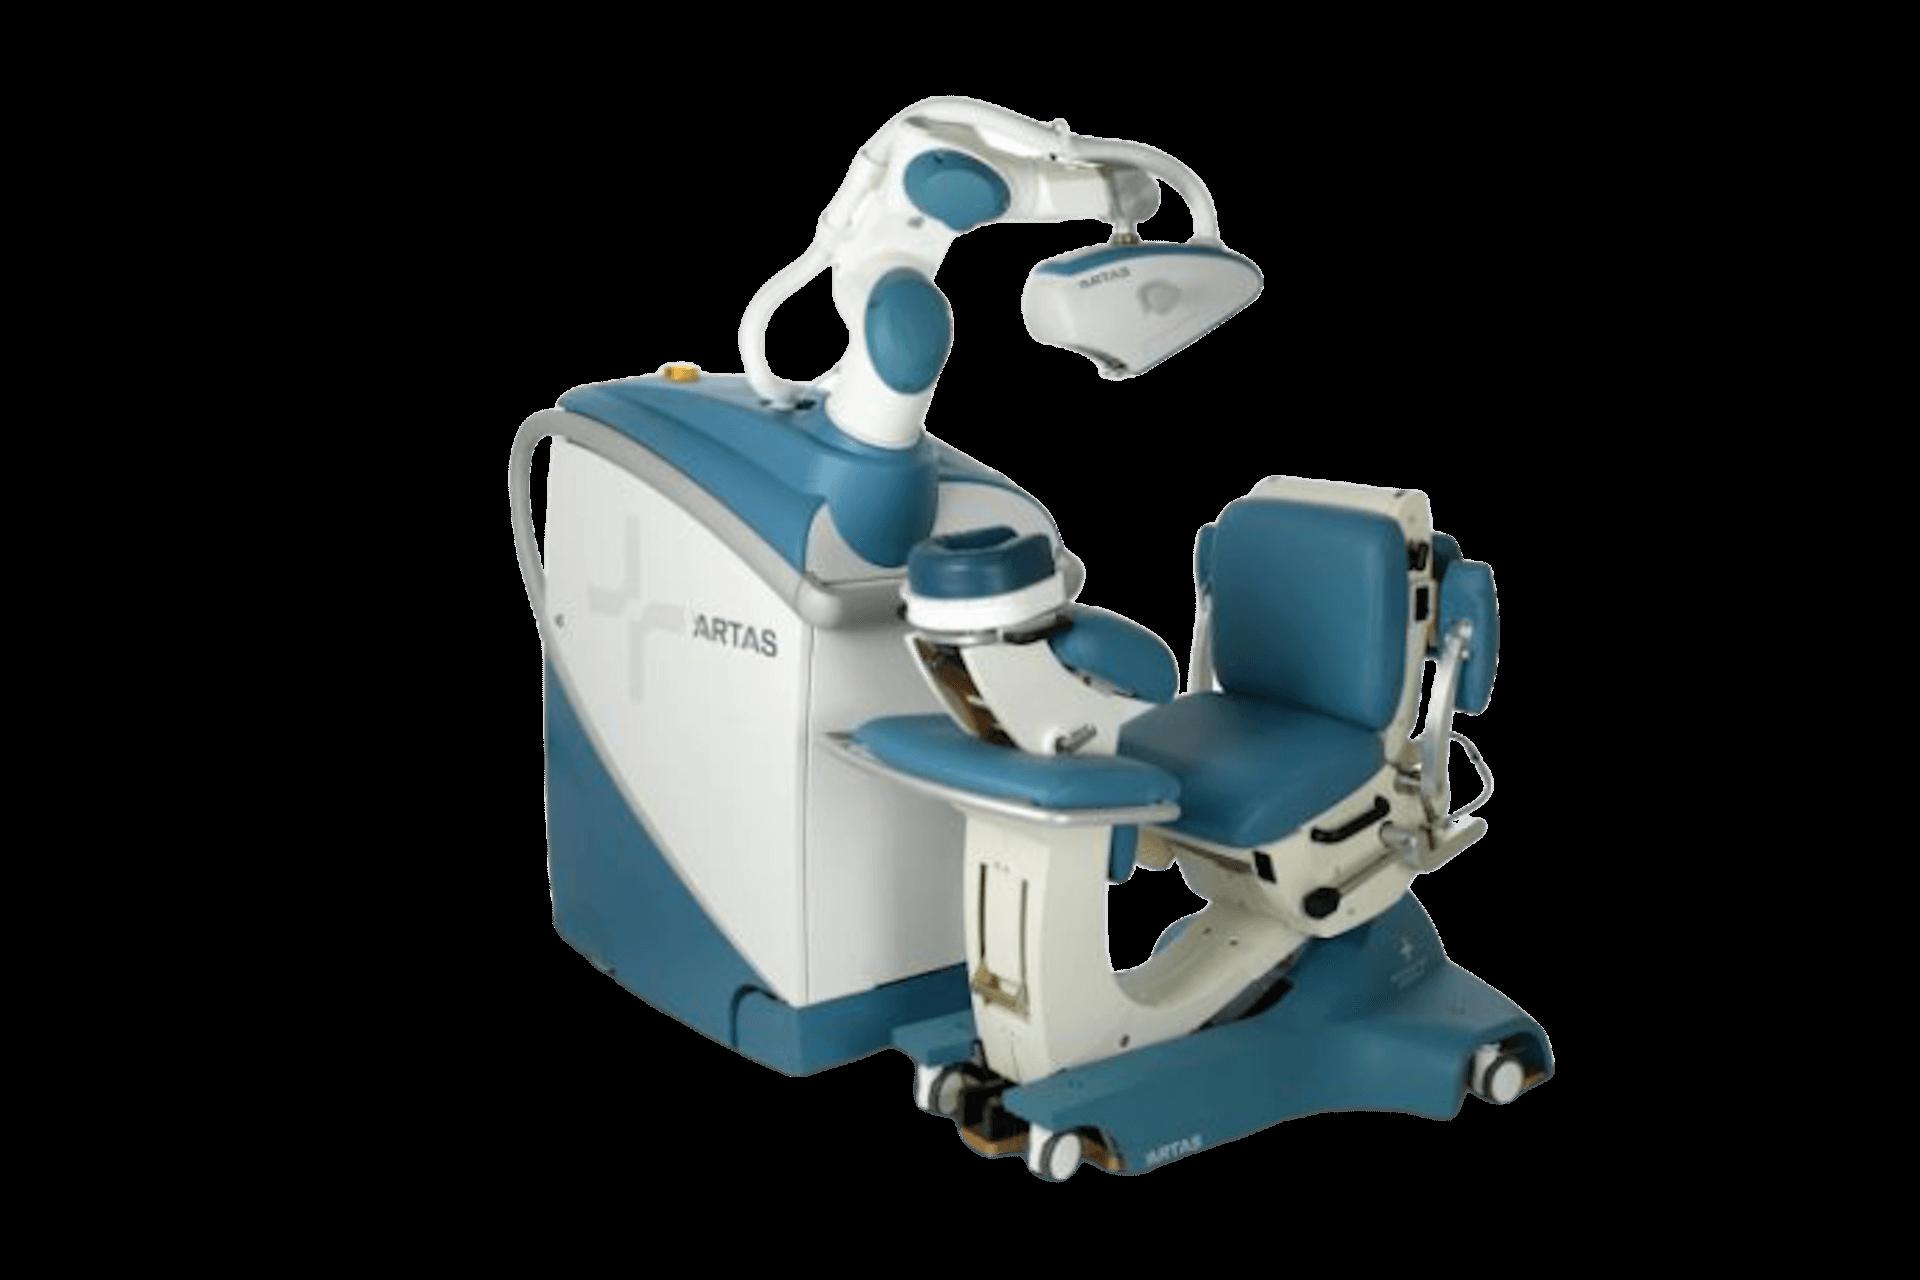 ARTAS Roboter